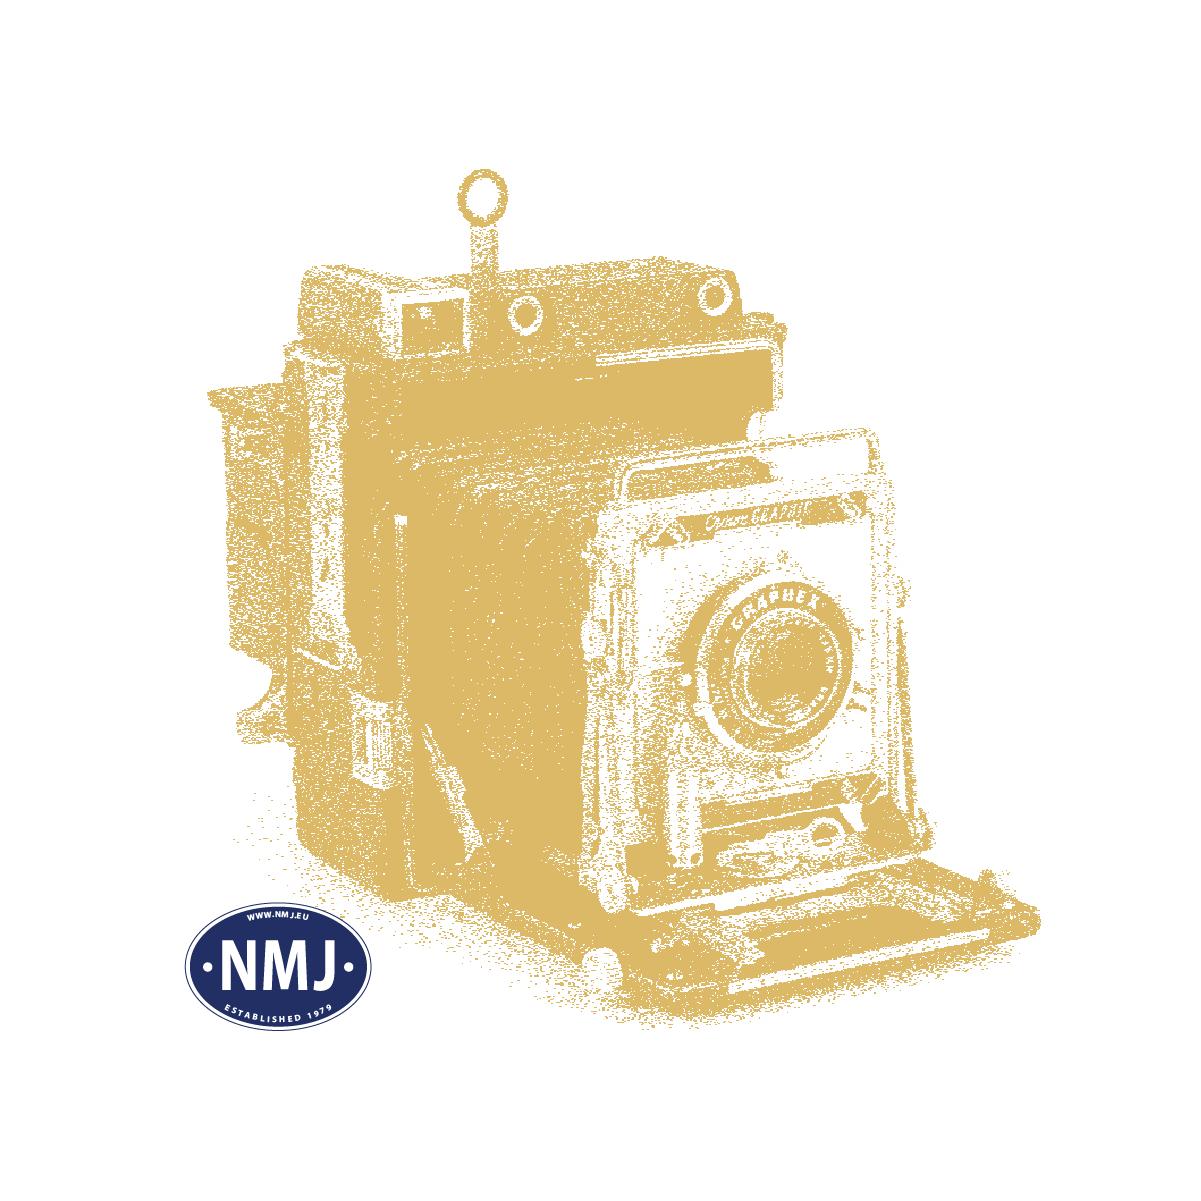 LIT1N4003 - Diode, 10 Stk, 200V/1,0A